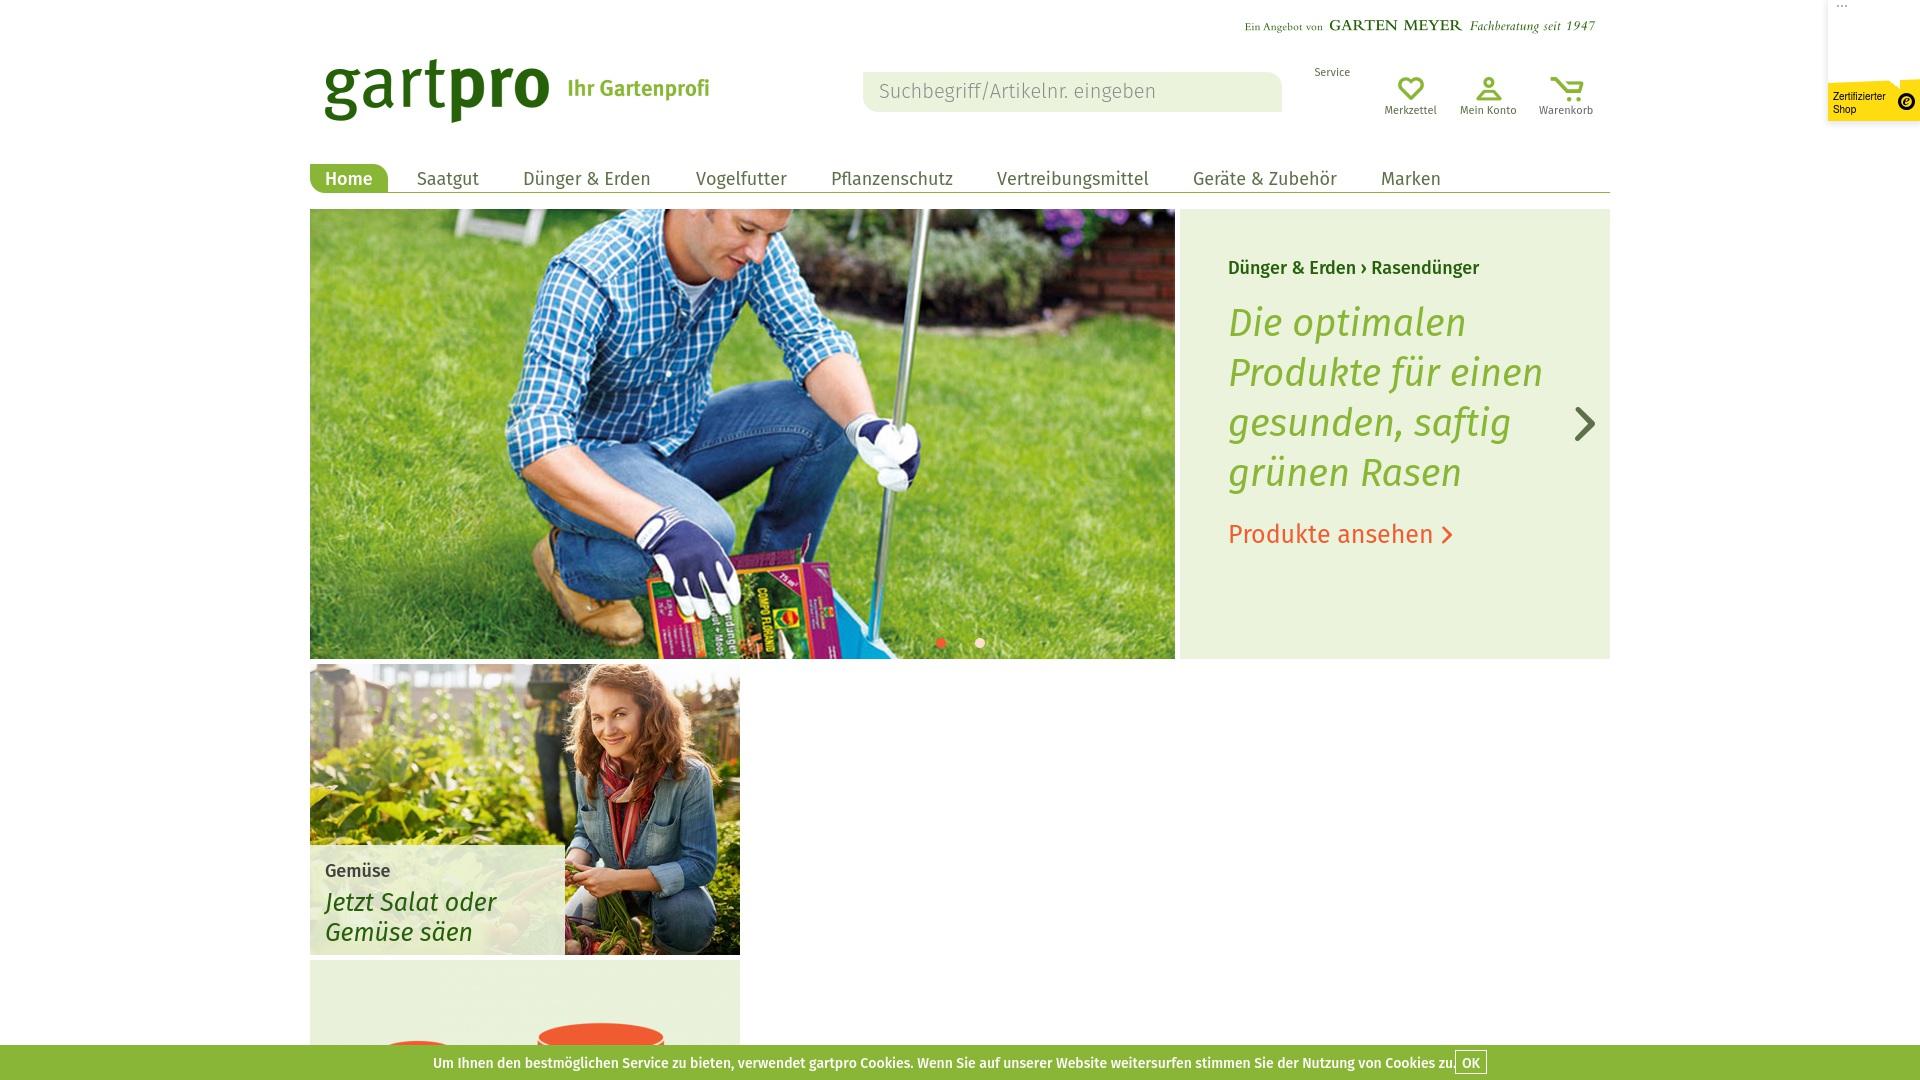 Gutschein für Gartpro: Rabatte für  Gartpro sichern